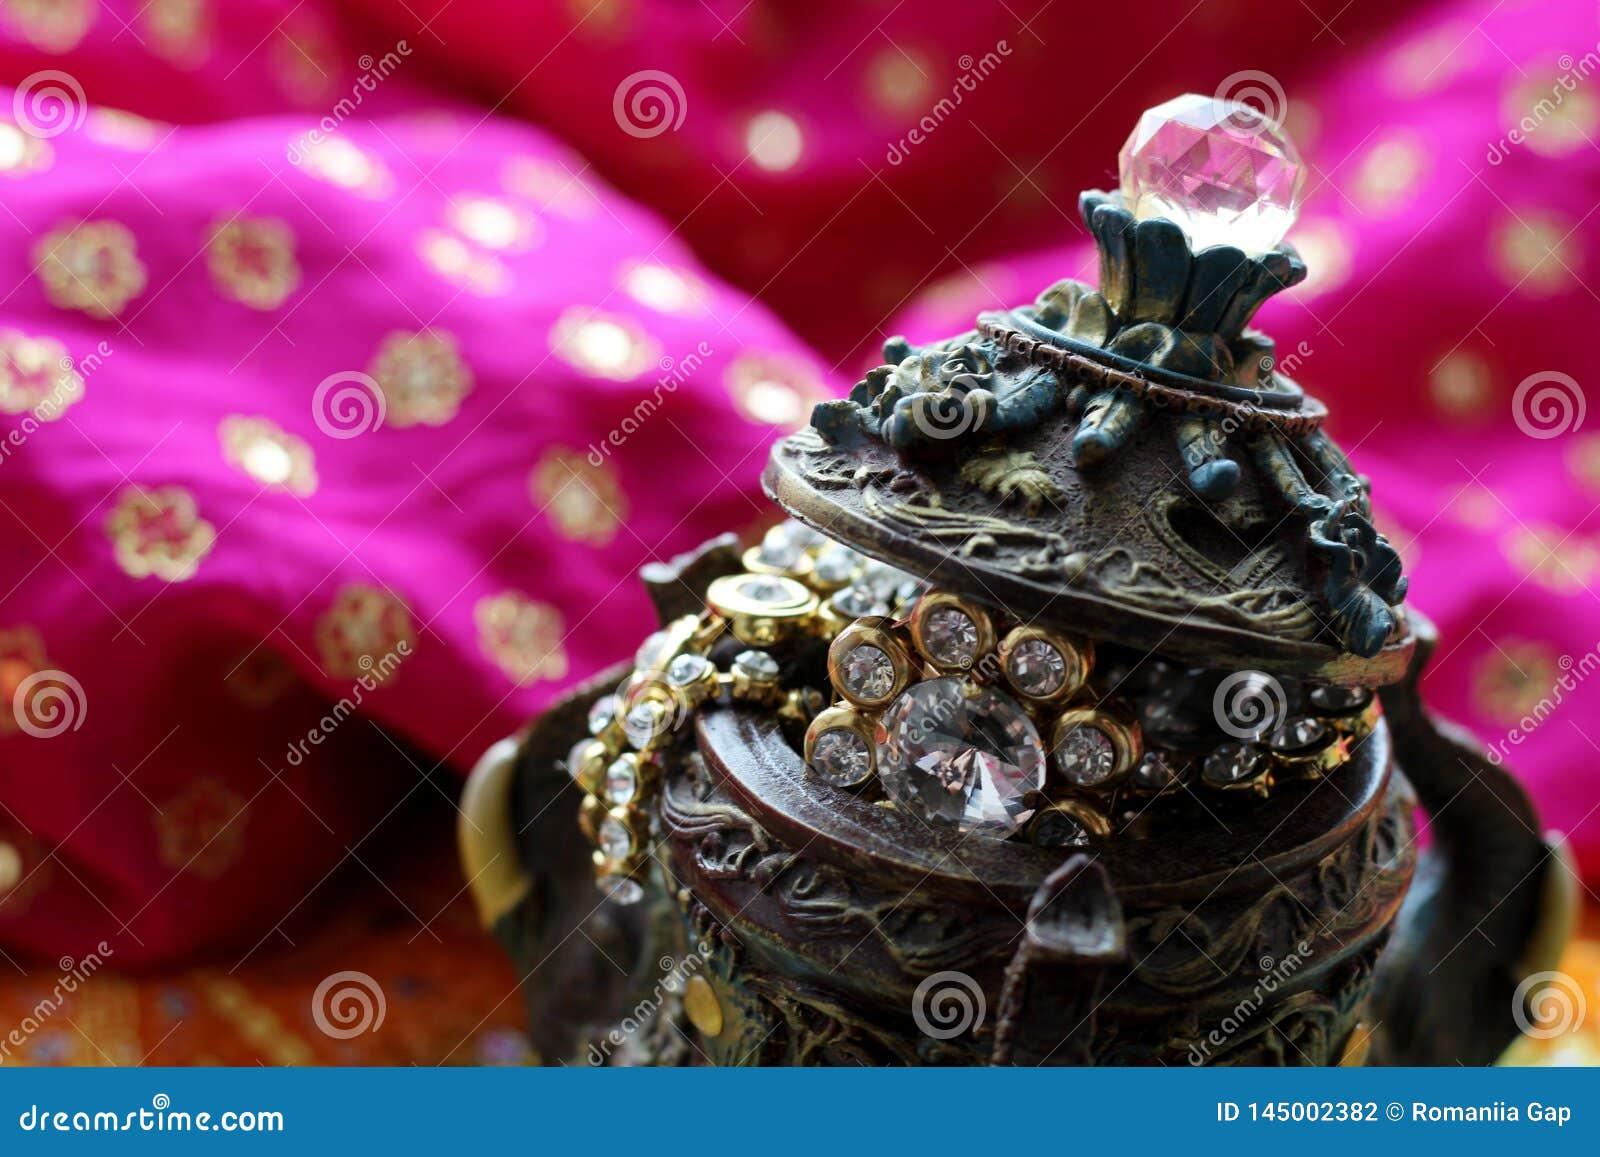 Drewniany szkatuły pudełko z orientalnymi wzorów słoniami pełno złocista biżuteria na Malinowym tkaniny tle